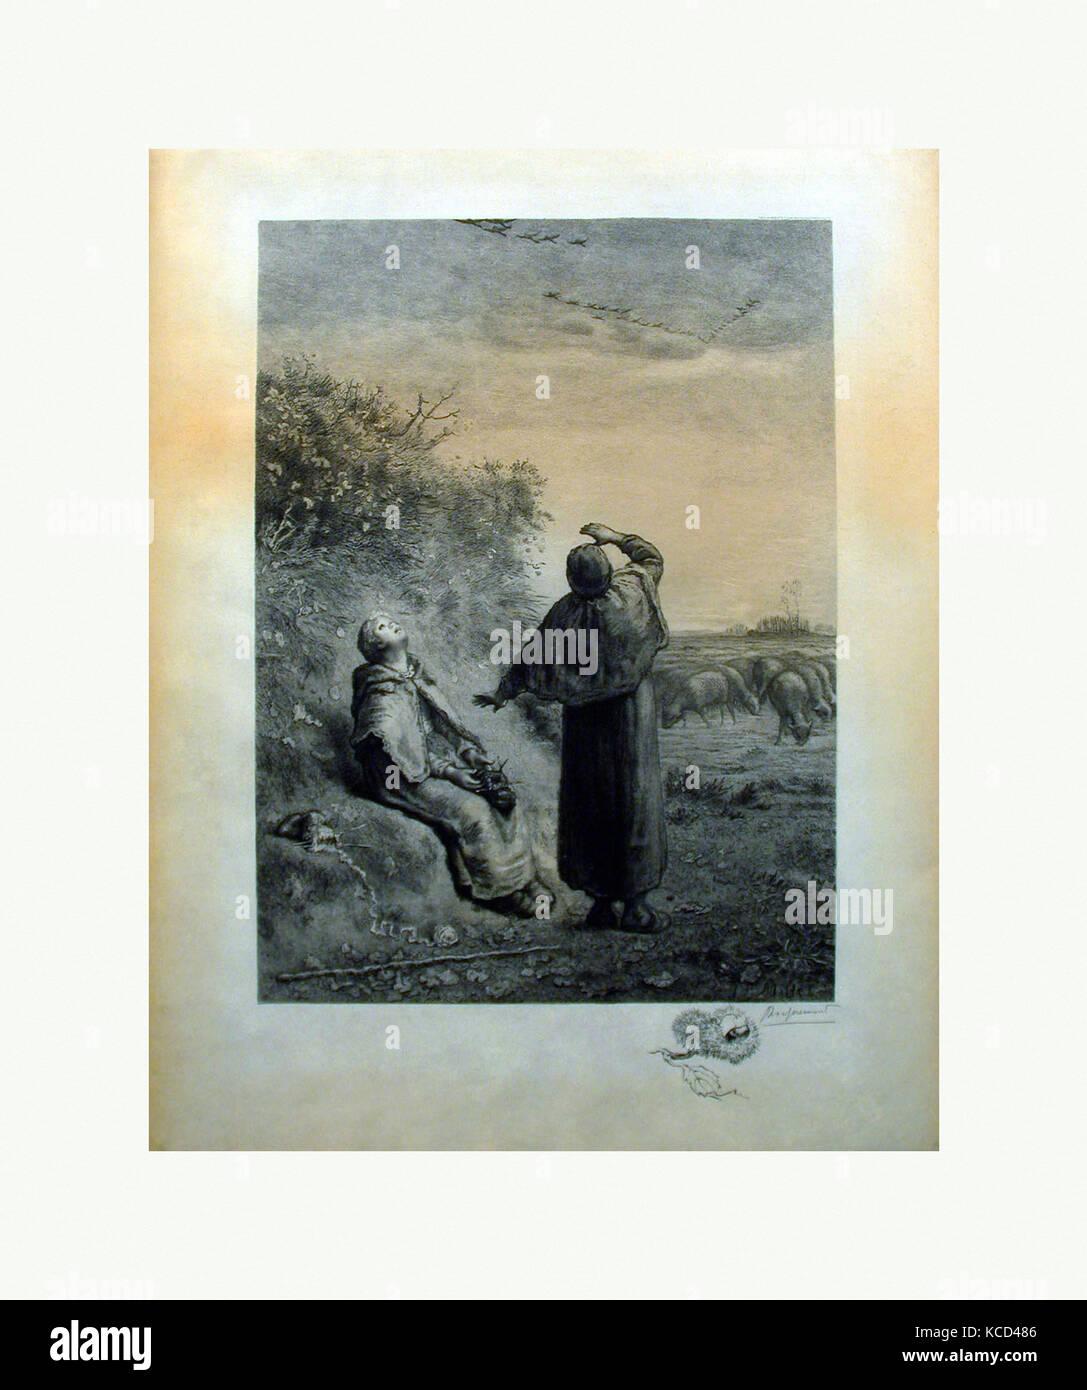 Automne, 1888, Print, 25 3/4 x 20 in., Prints, Félix Bracquemond (French, Paris 1833–1914 Sèvres - Stock Image